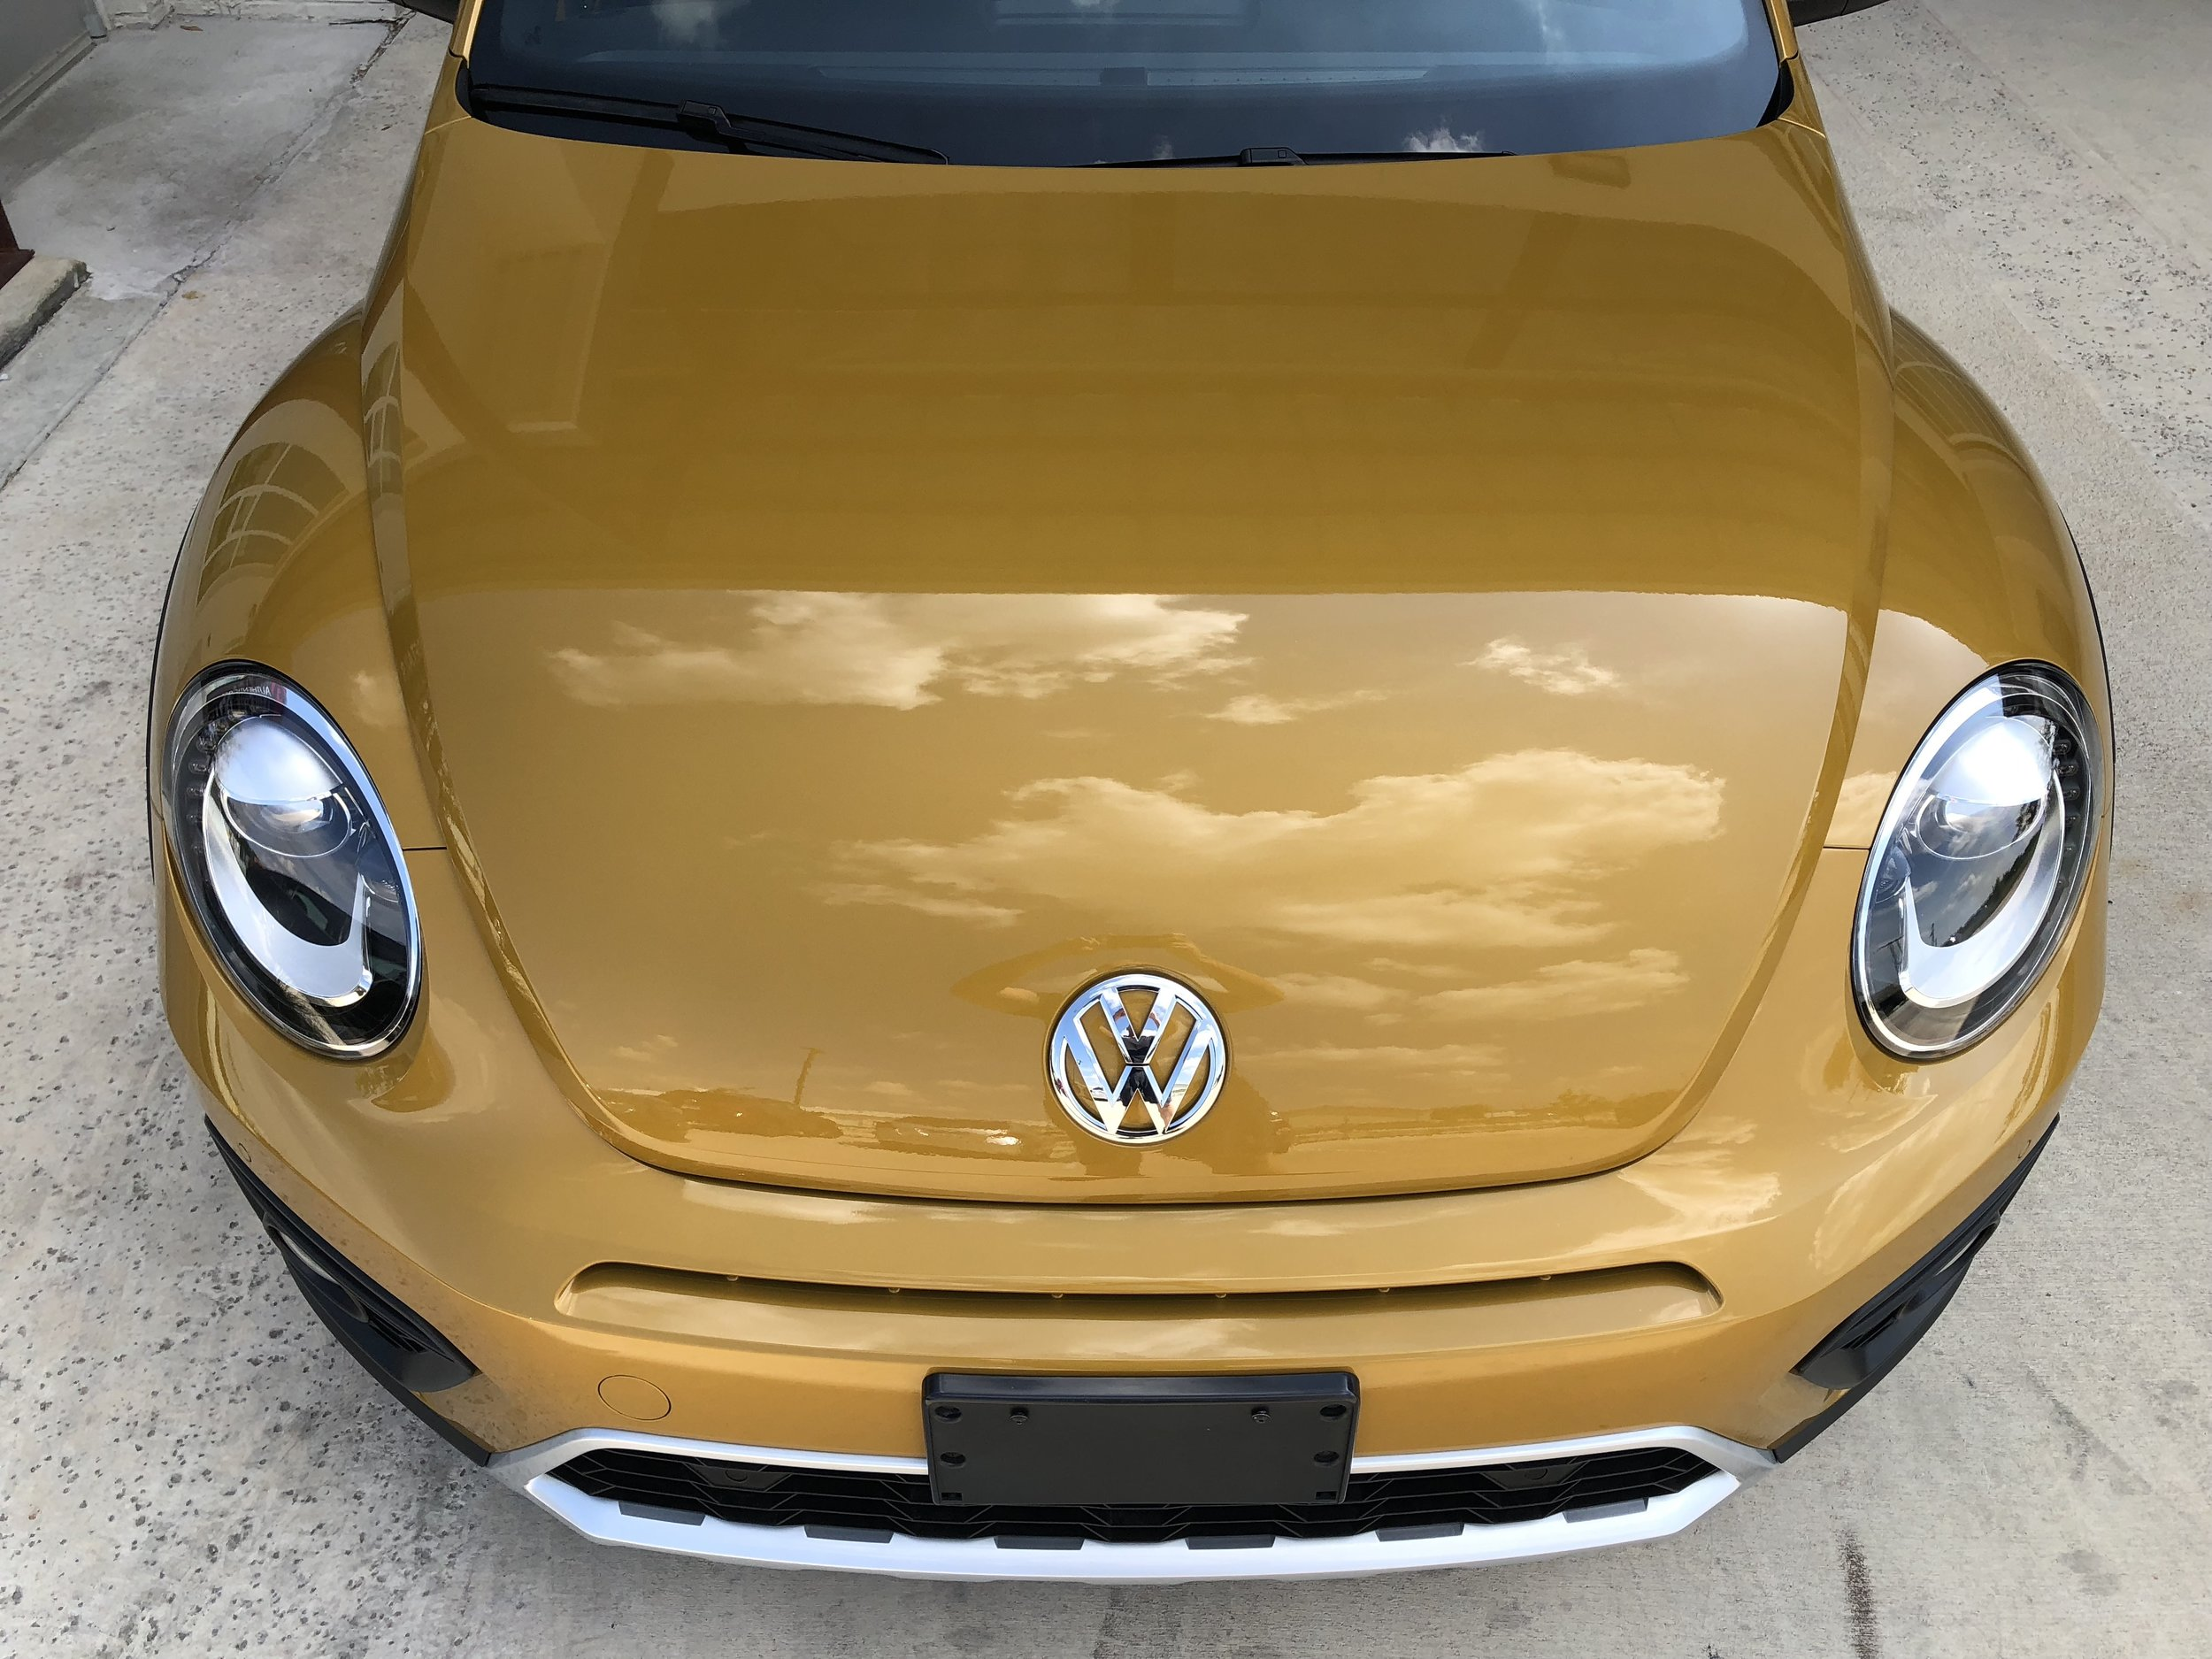 Volkswagen Beetle Paint Protection